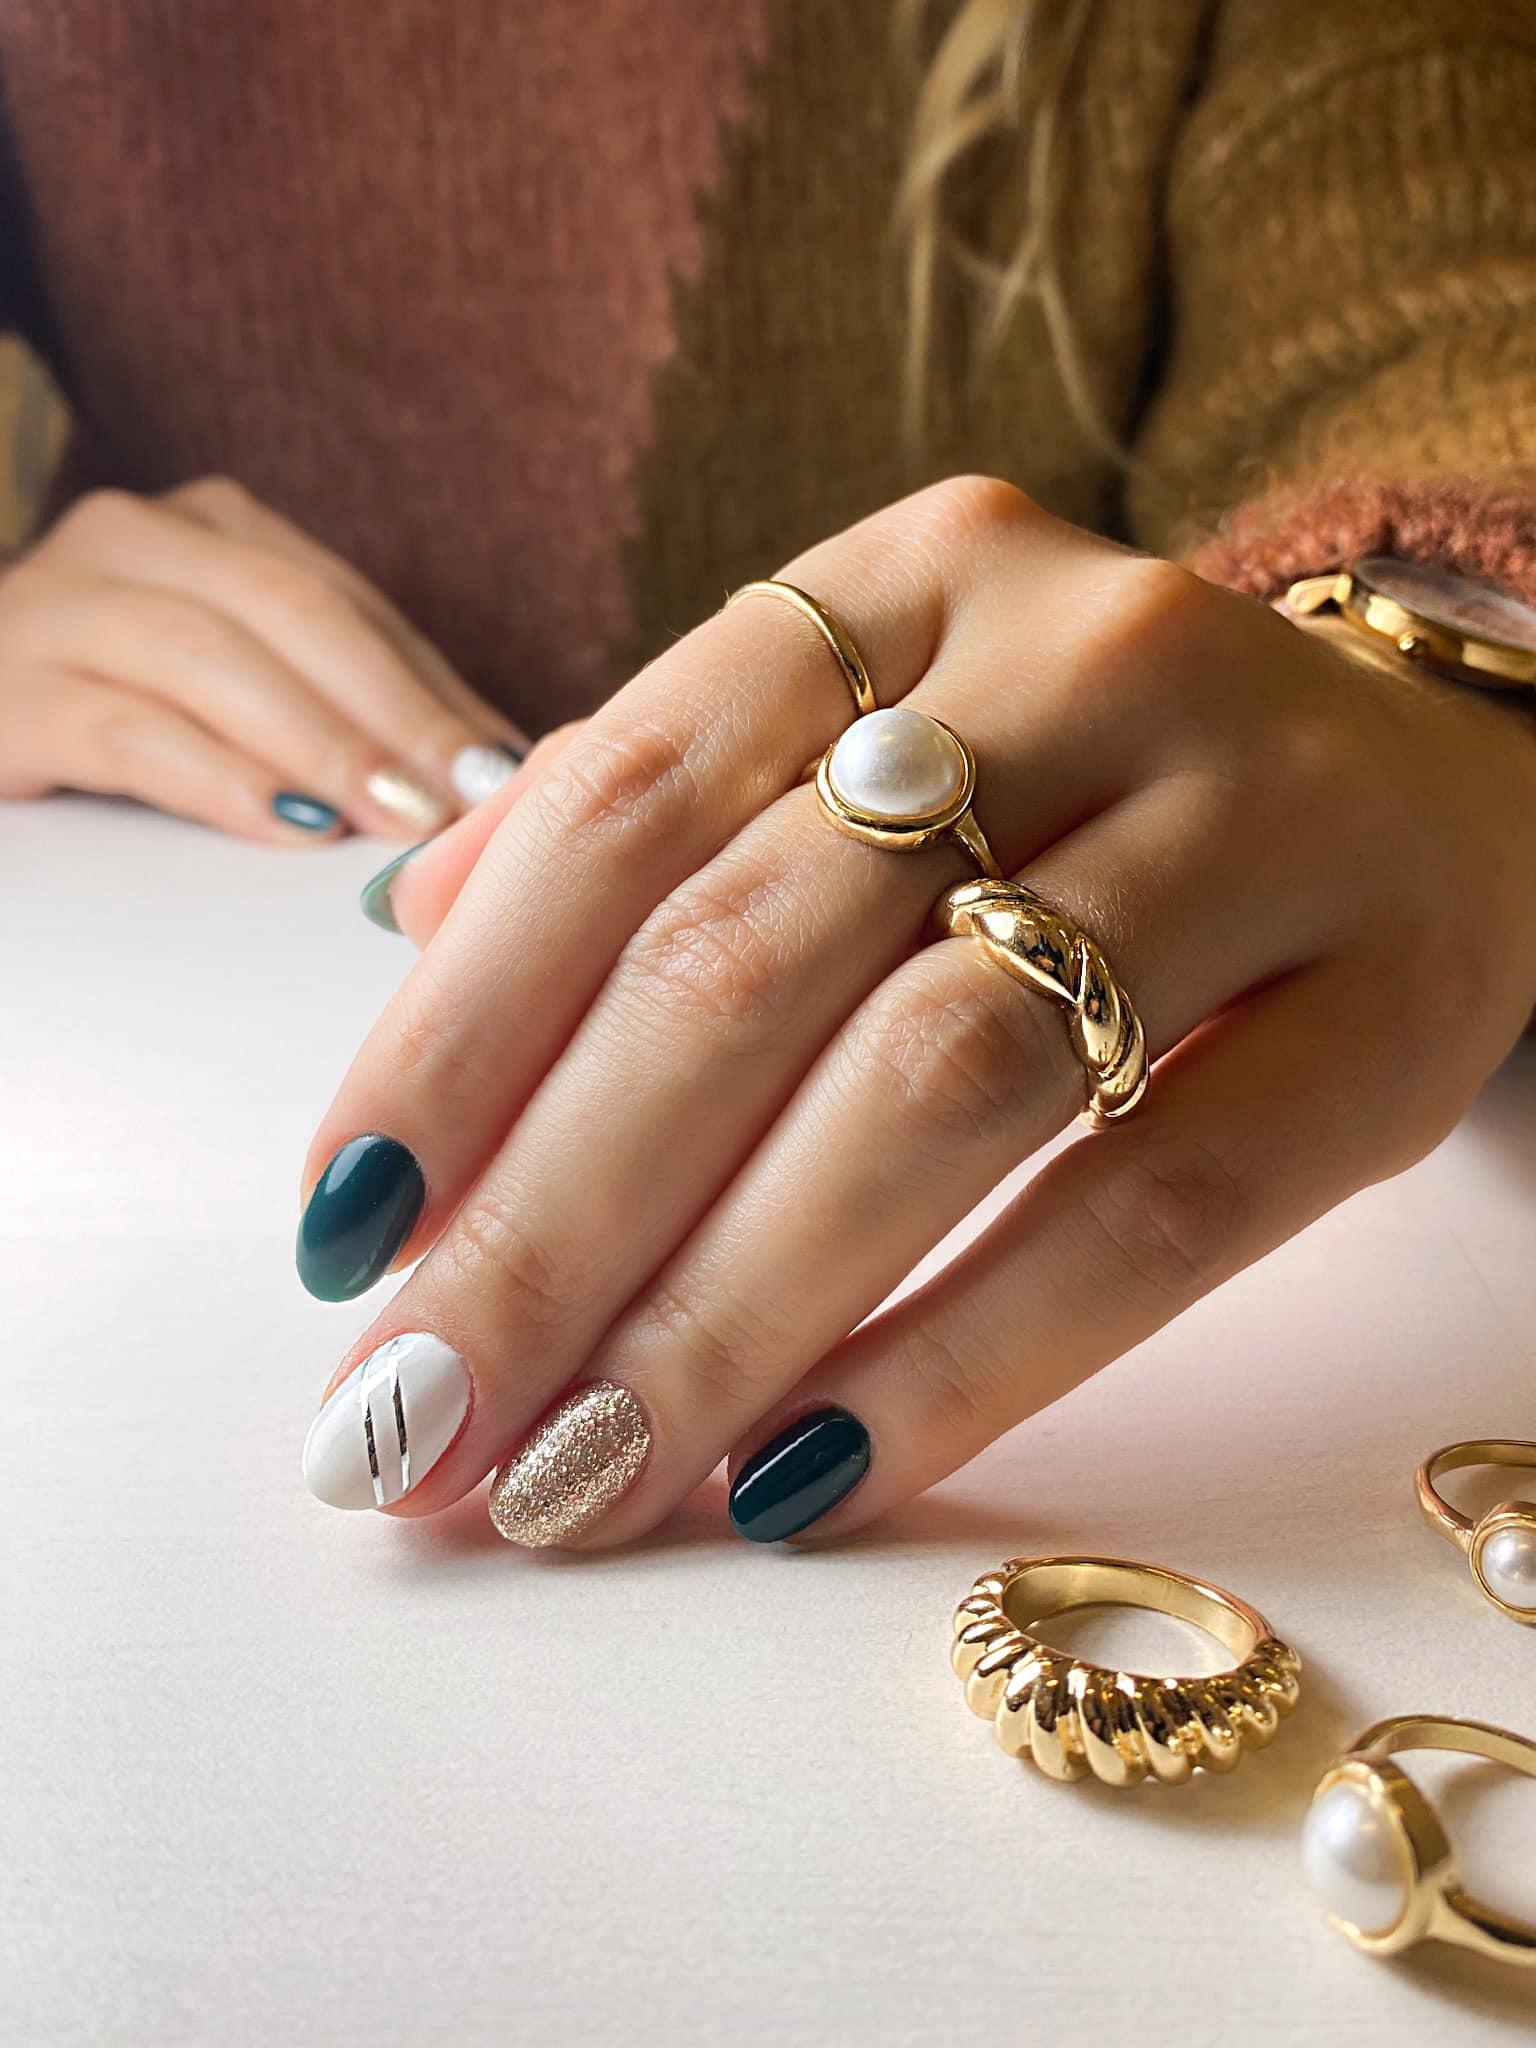 złote zdobienia paznokci hybrydowych